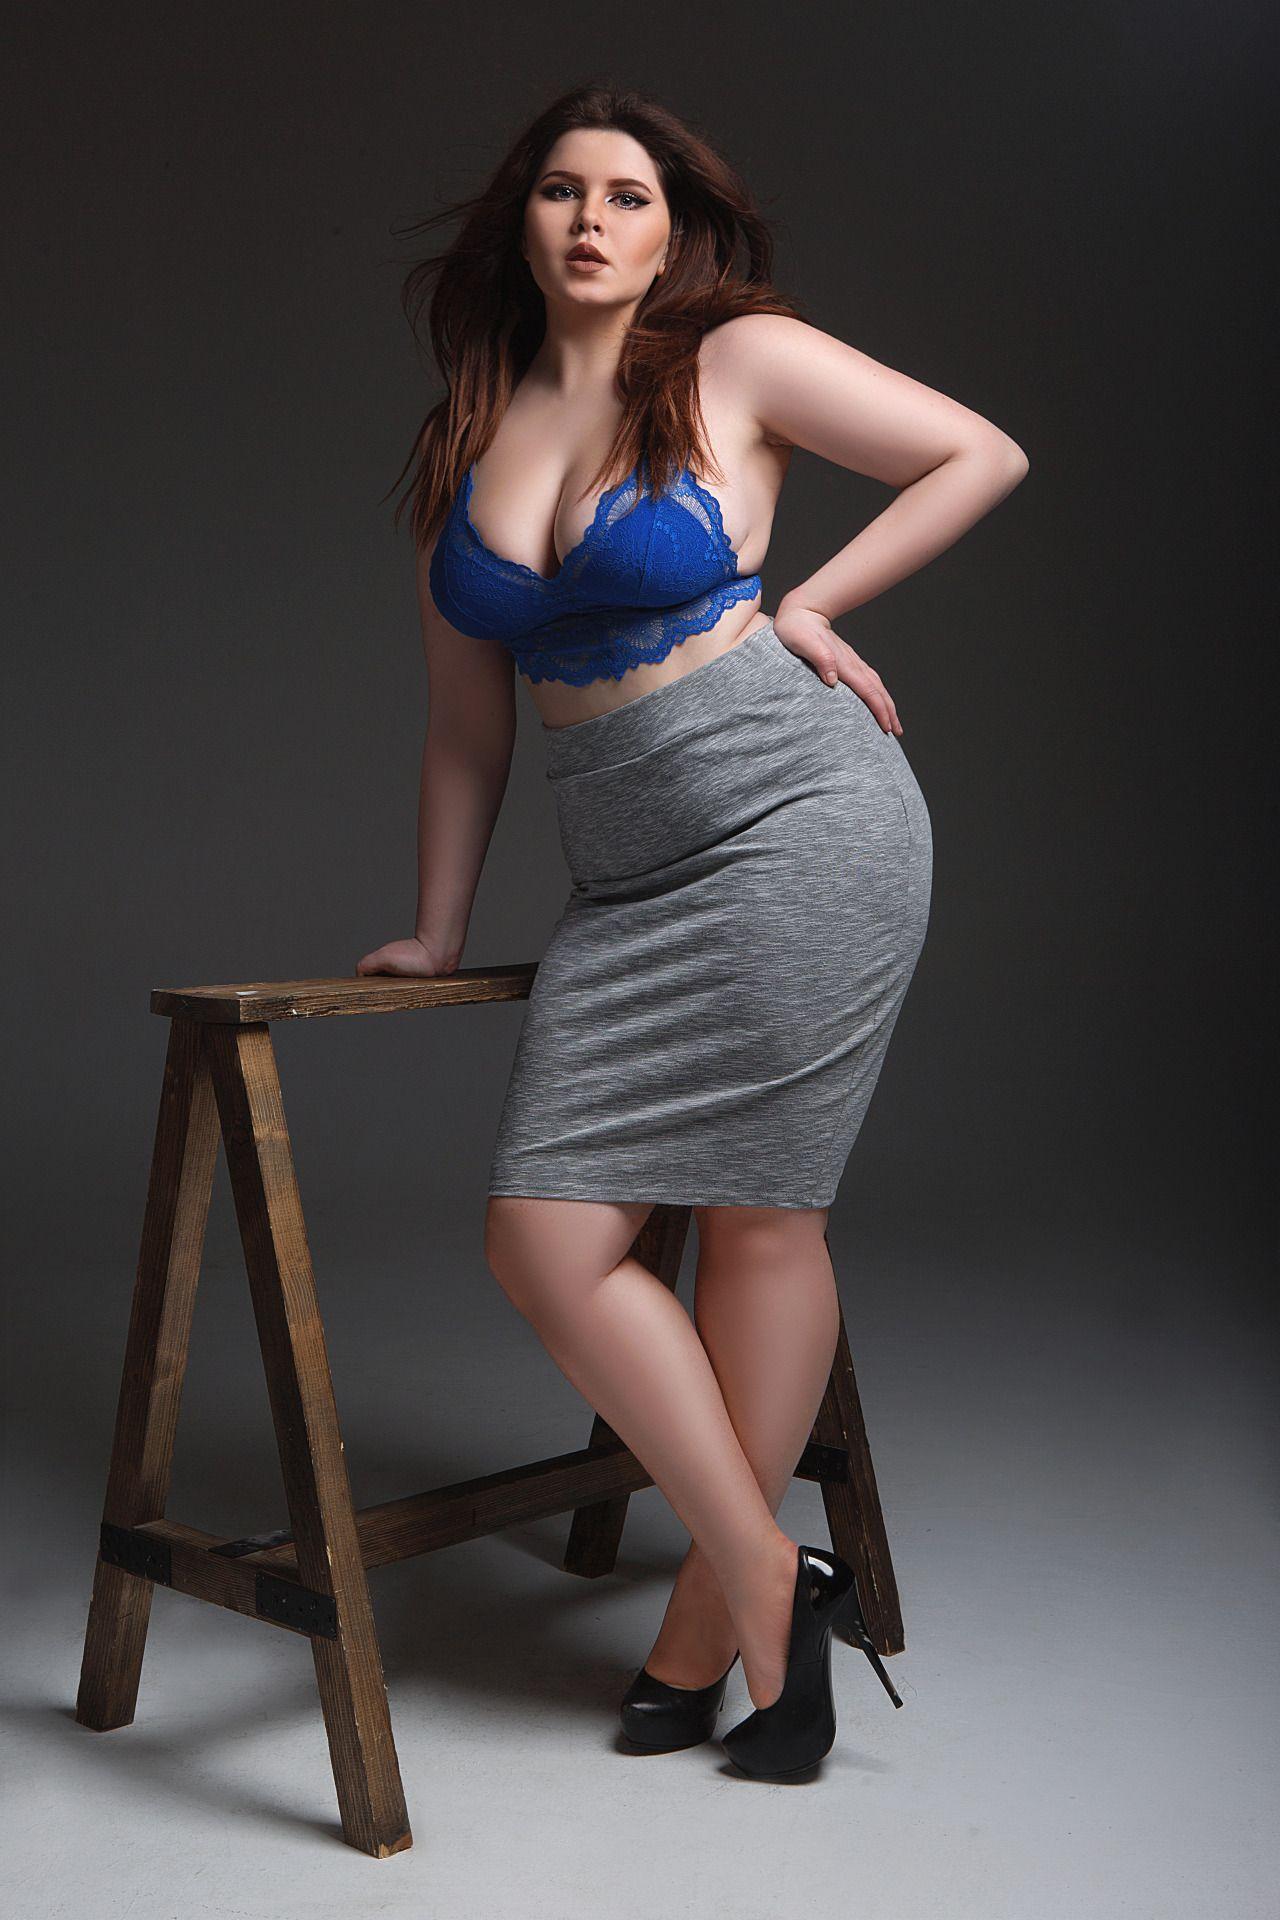 nude korean women pussy